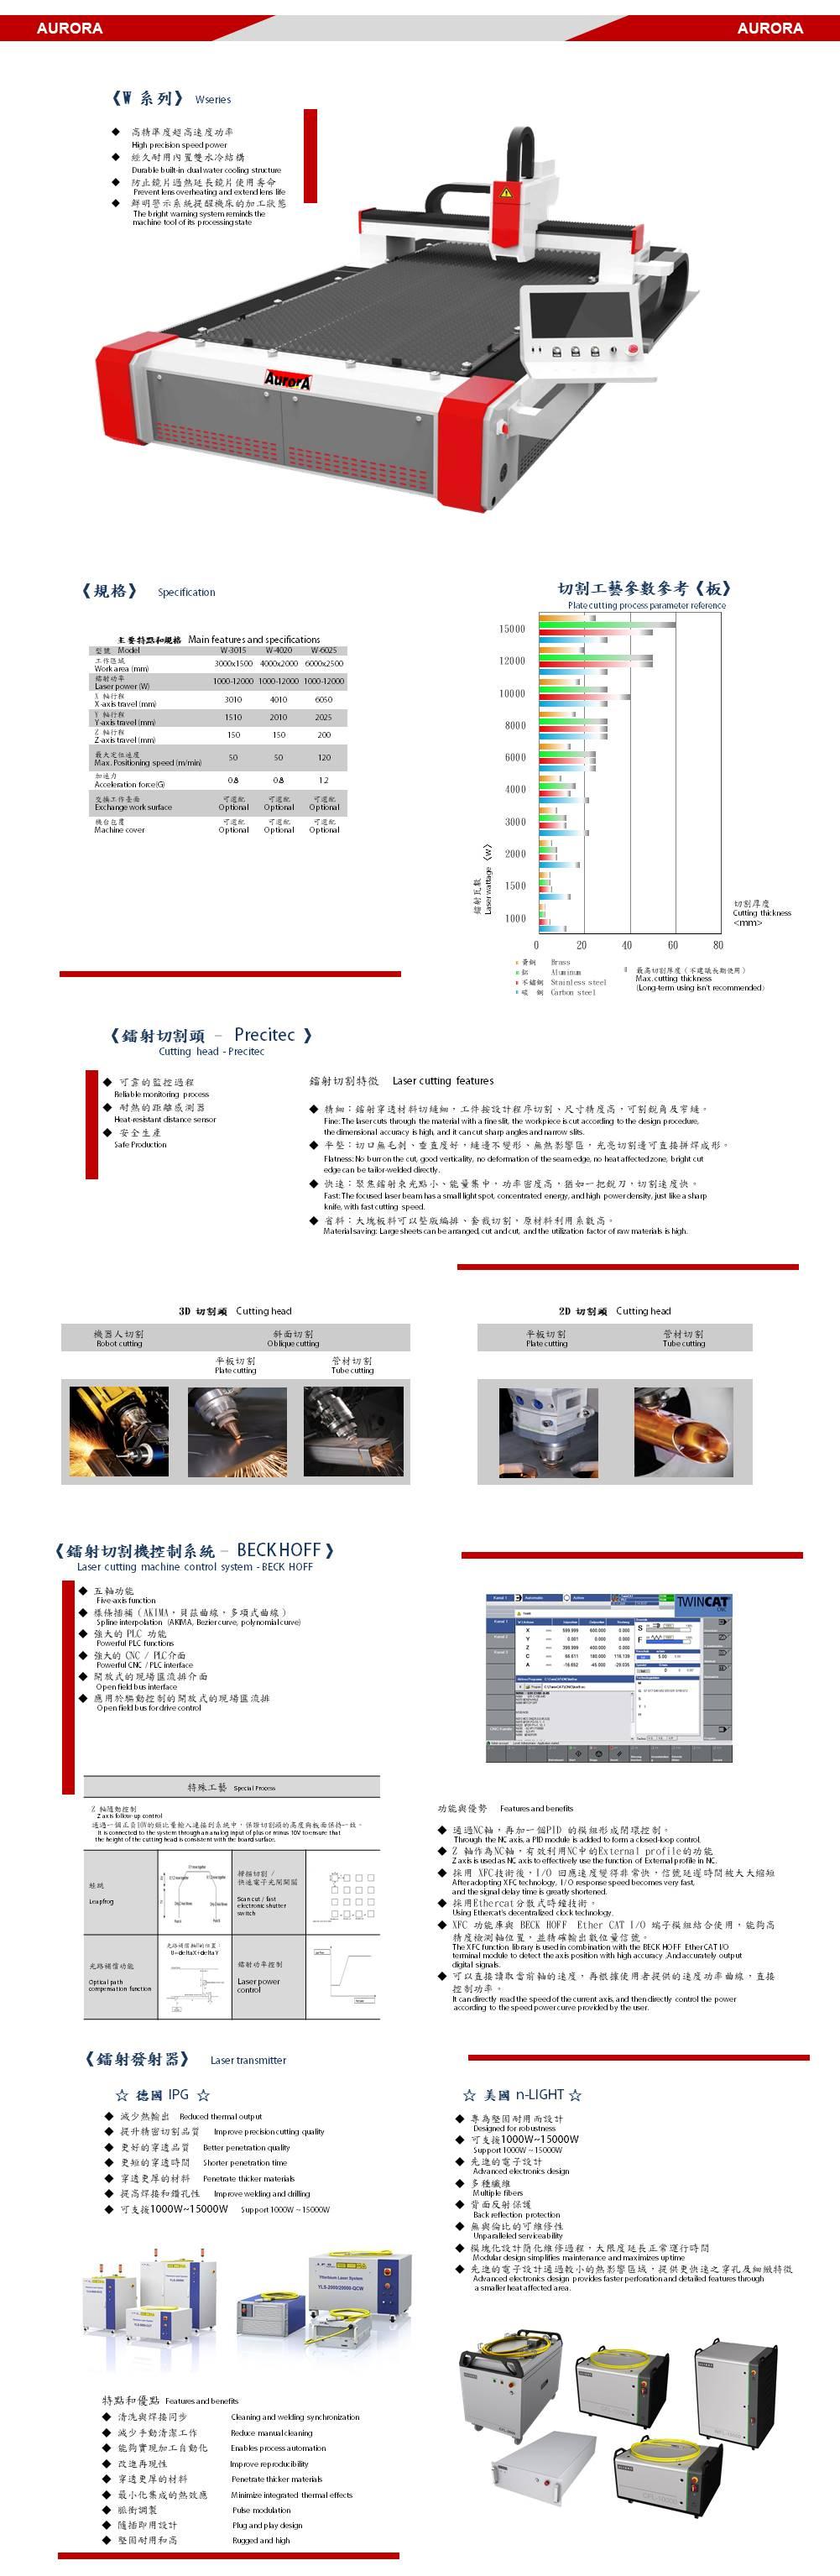 1000-12000w W series 3015 plate cutting fiber laser cutting machine